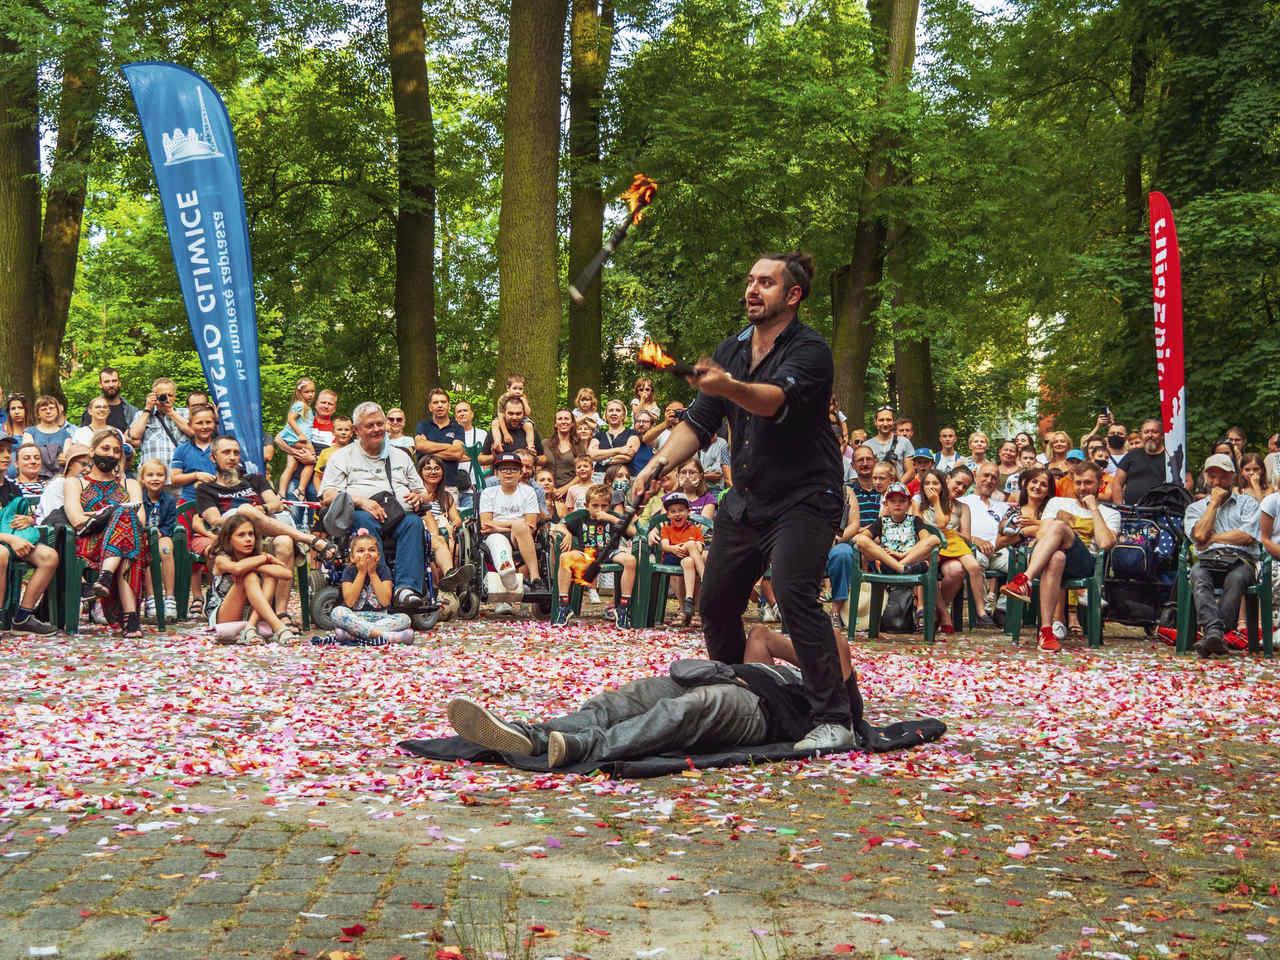 występ akrobatyczny, wokół artystów publiczność w parku